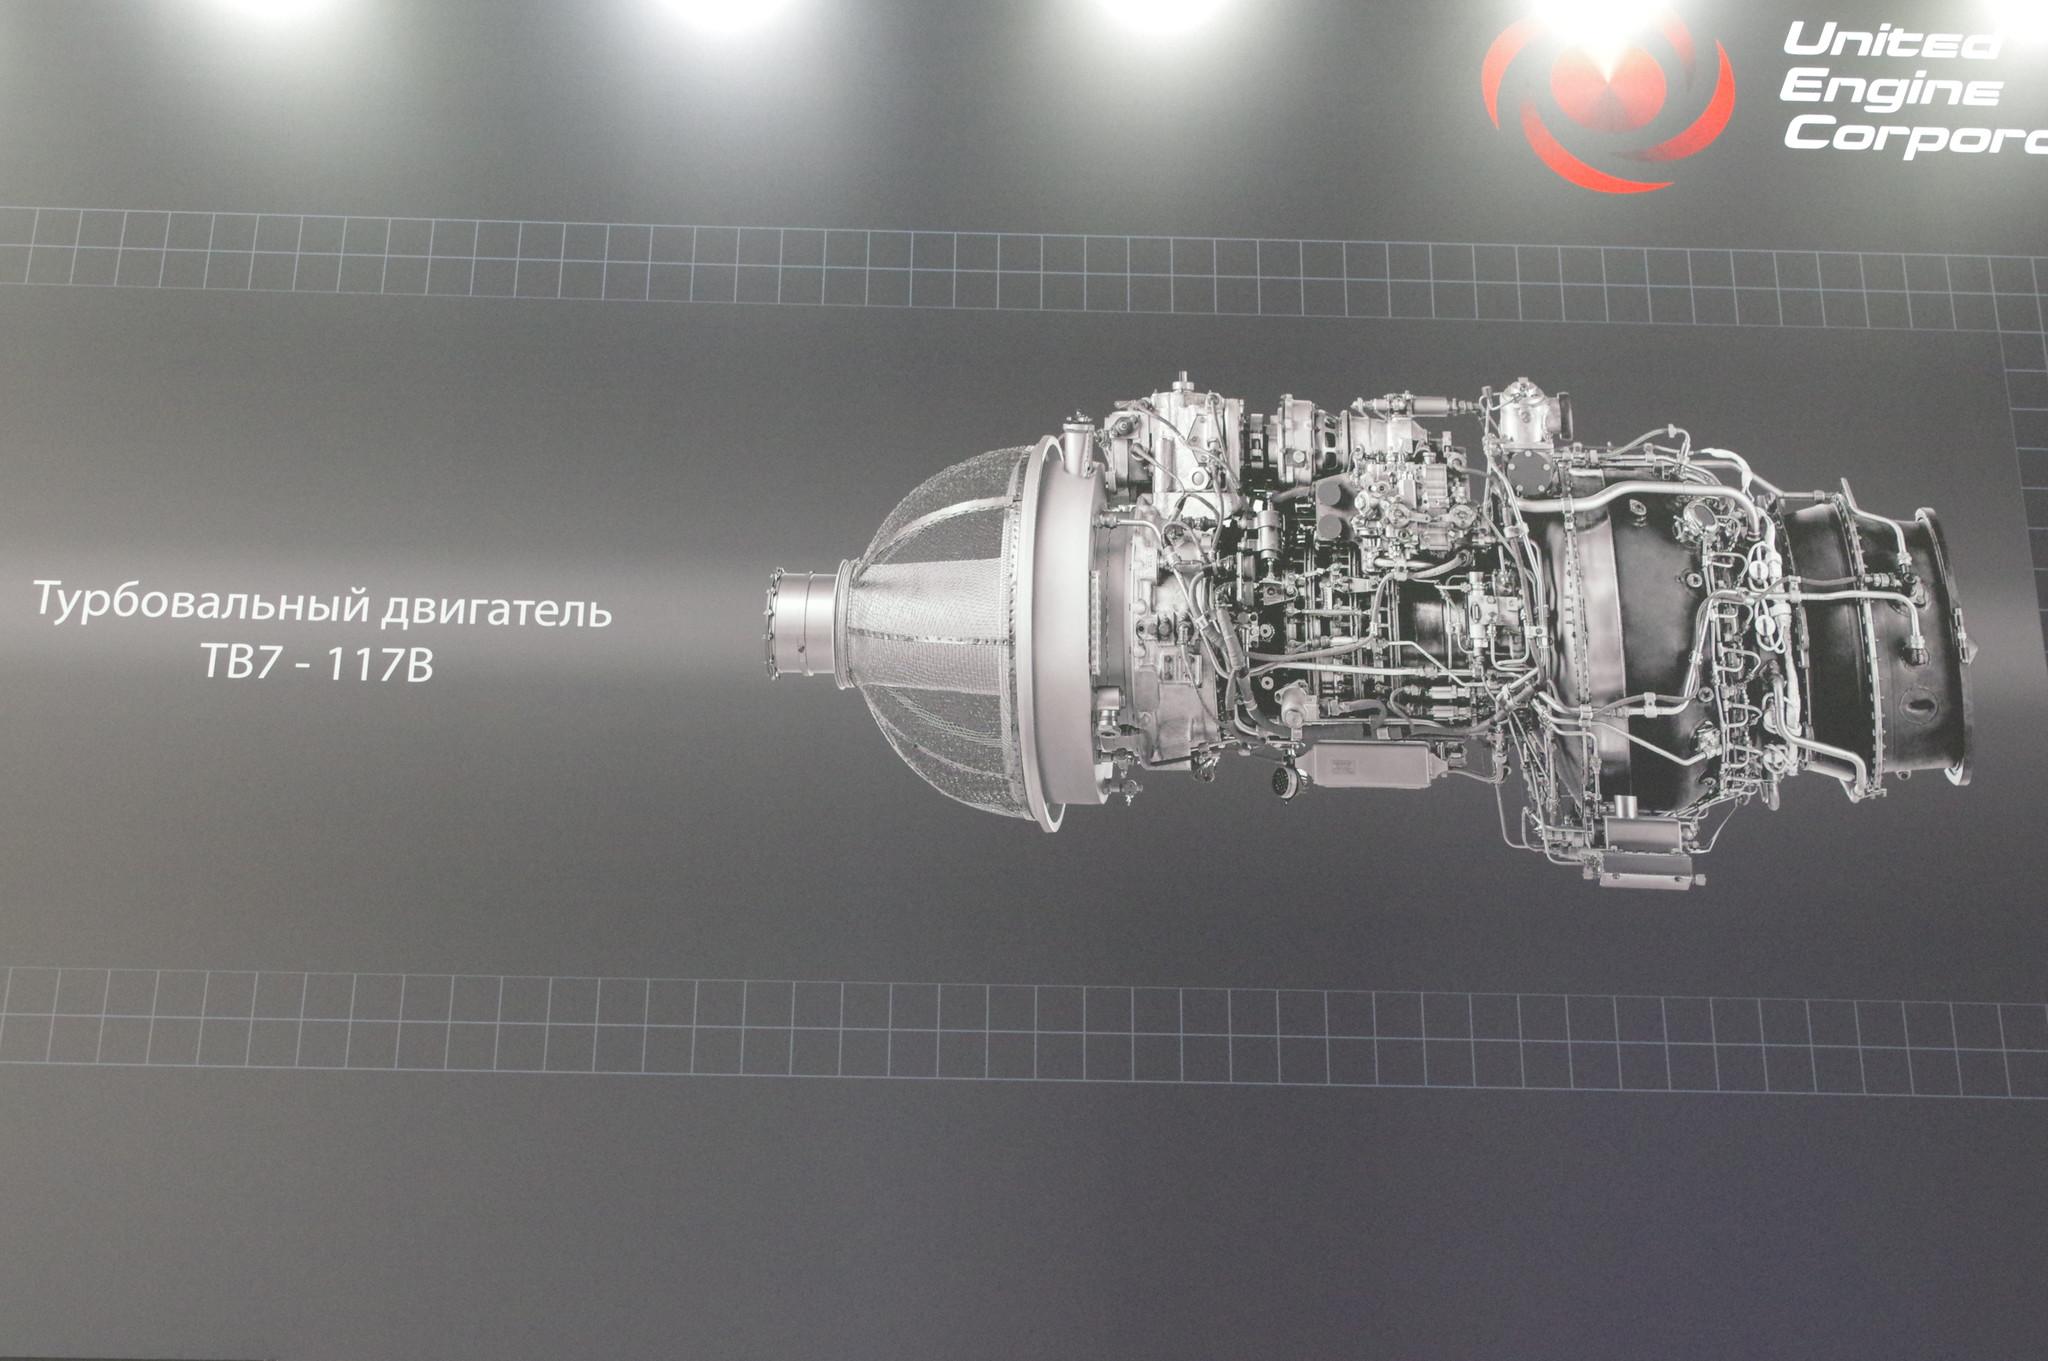 Турбовальный двигатель ТВ7-117В